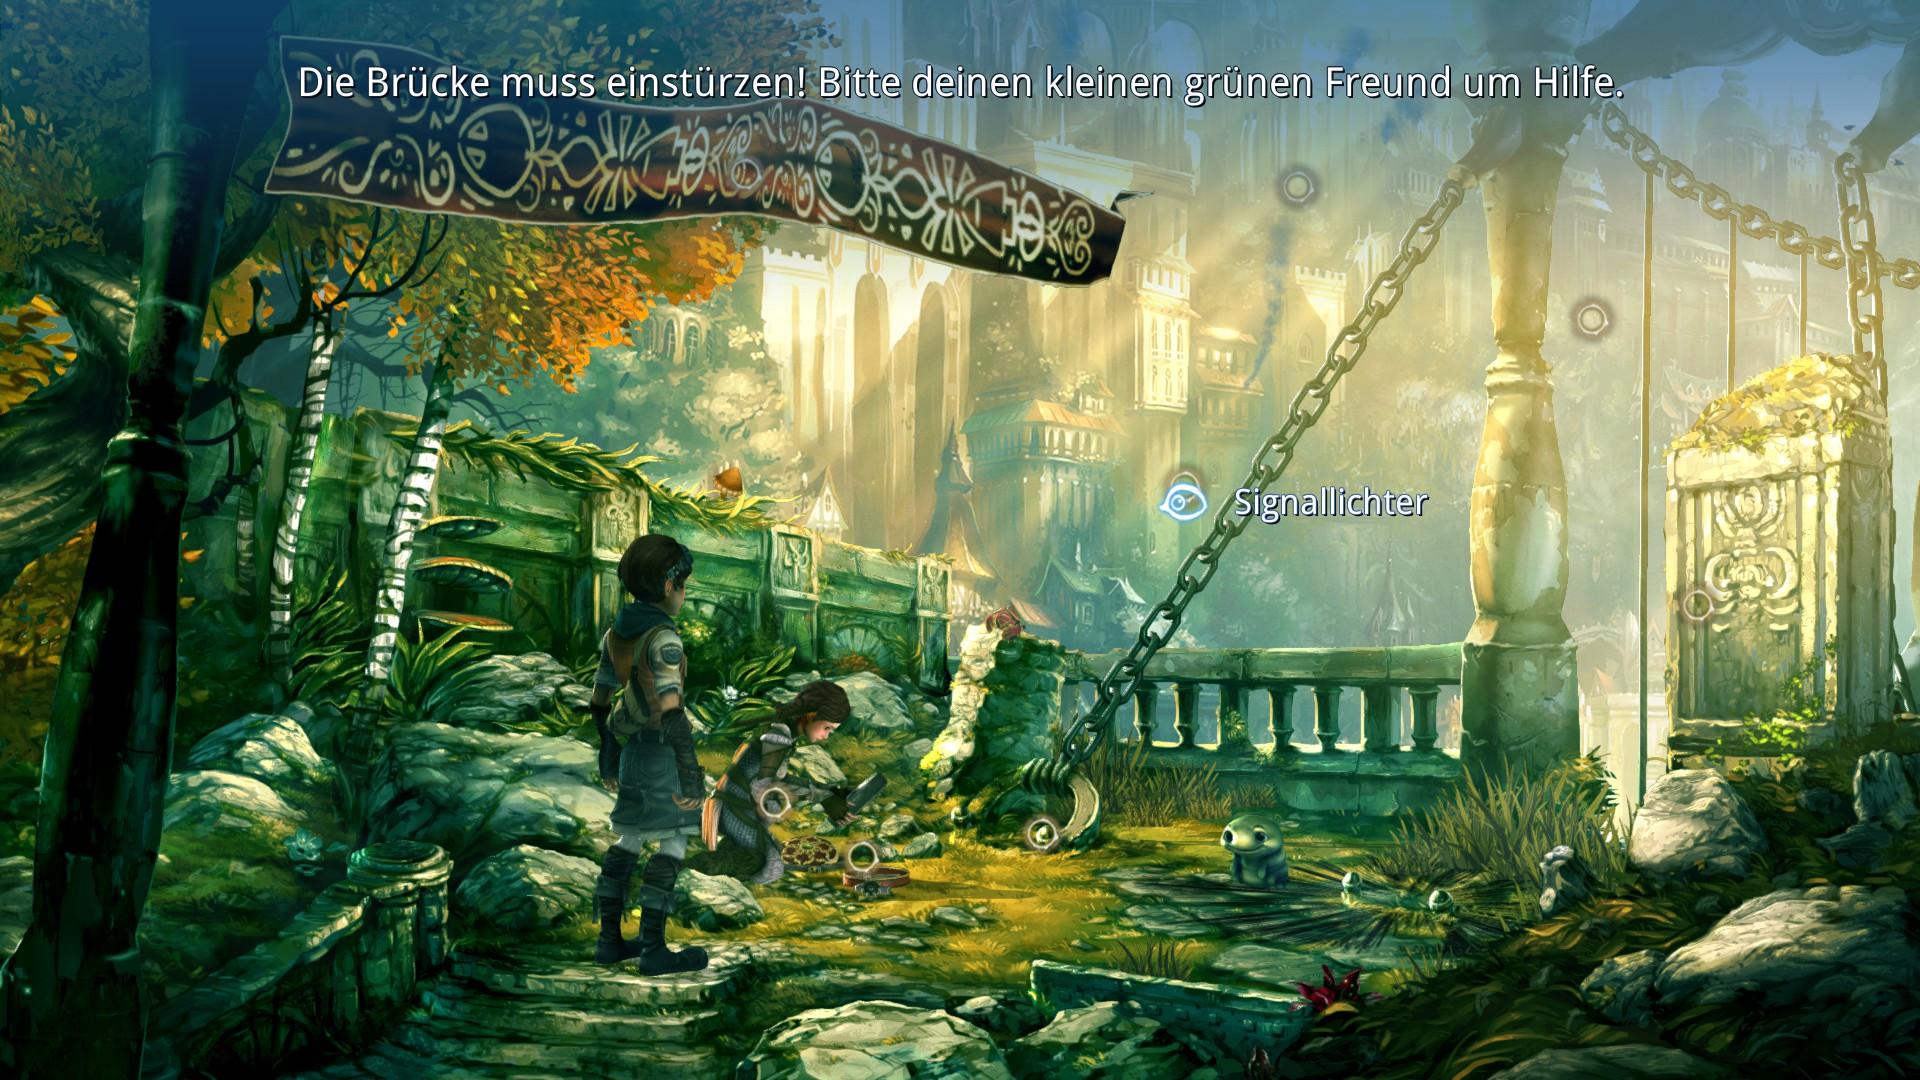 Screenshot: Noah, Kyra und Spot versuchen die Verankerung einer Brücke zu zerstören. Das Interface des Spiels ist im Bild.